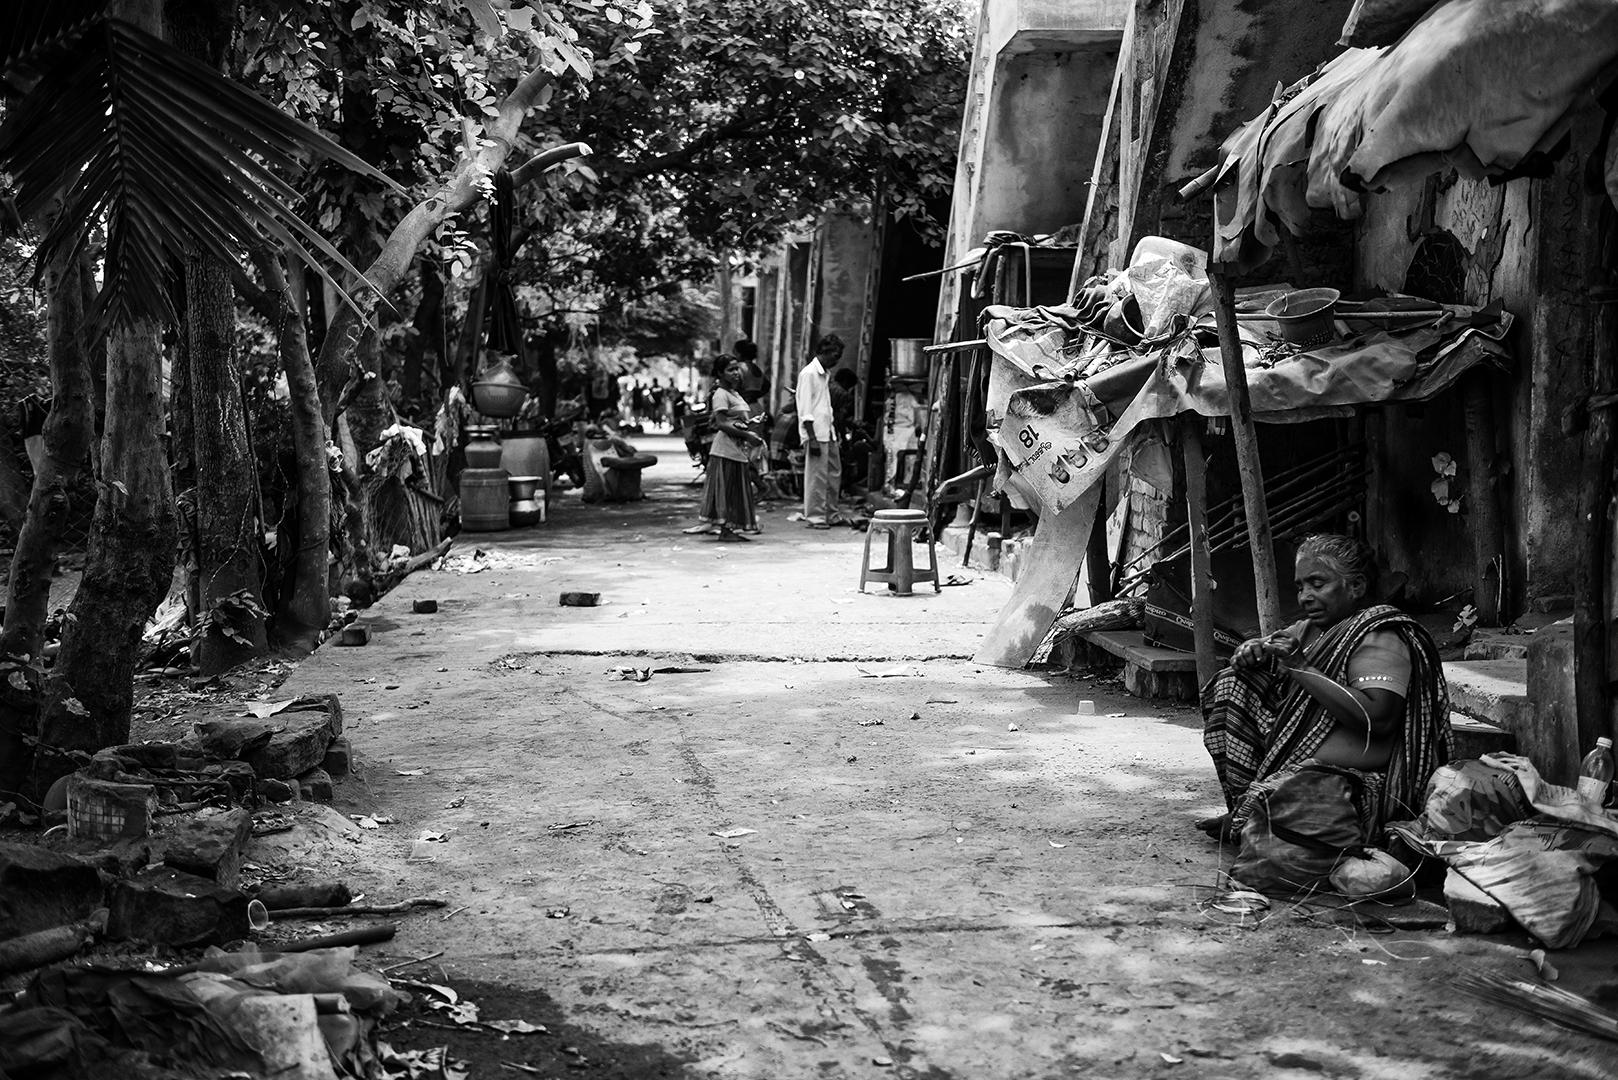 Gypsy town, Thibault Marlat